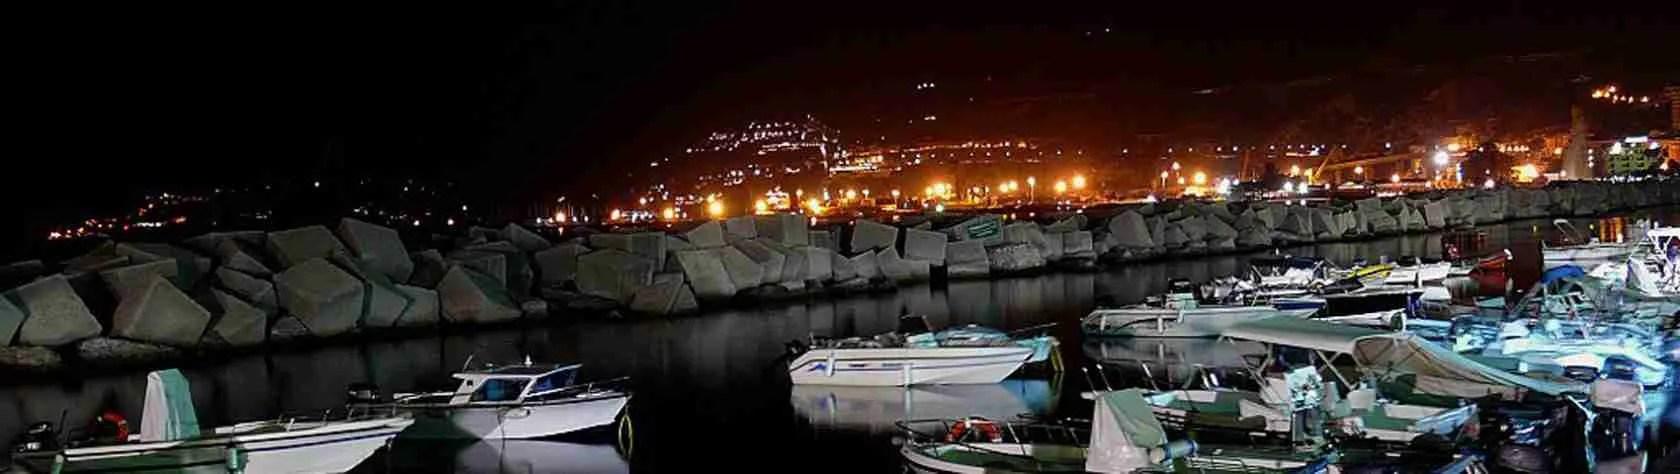 Il Lungomare di Salerno è perfetto per una passeggiata romantica in compagnia di una escort a Salerno.